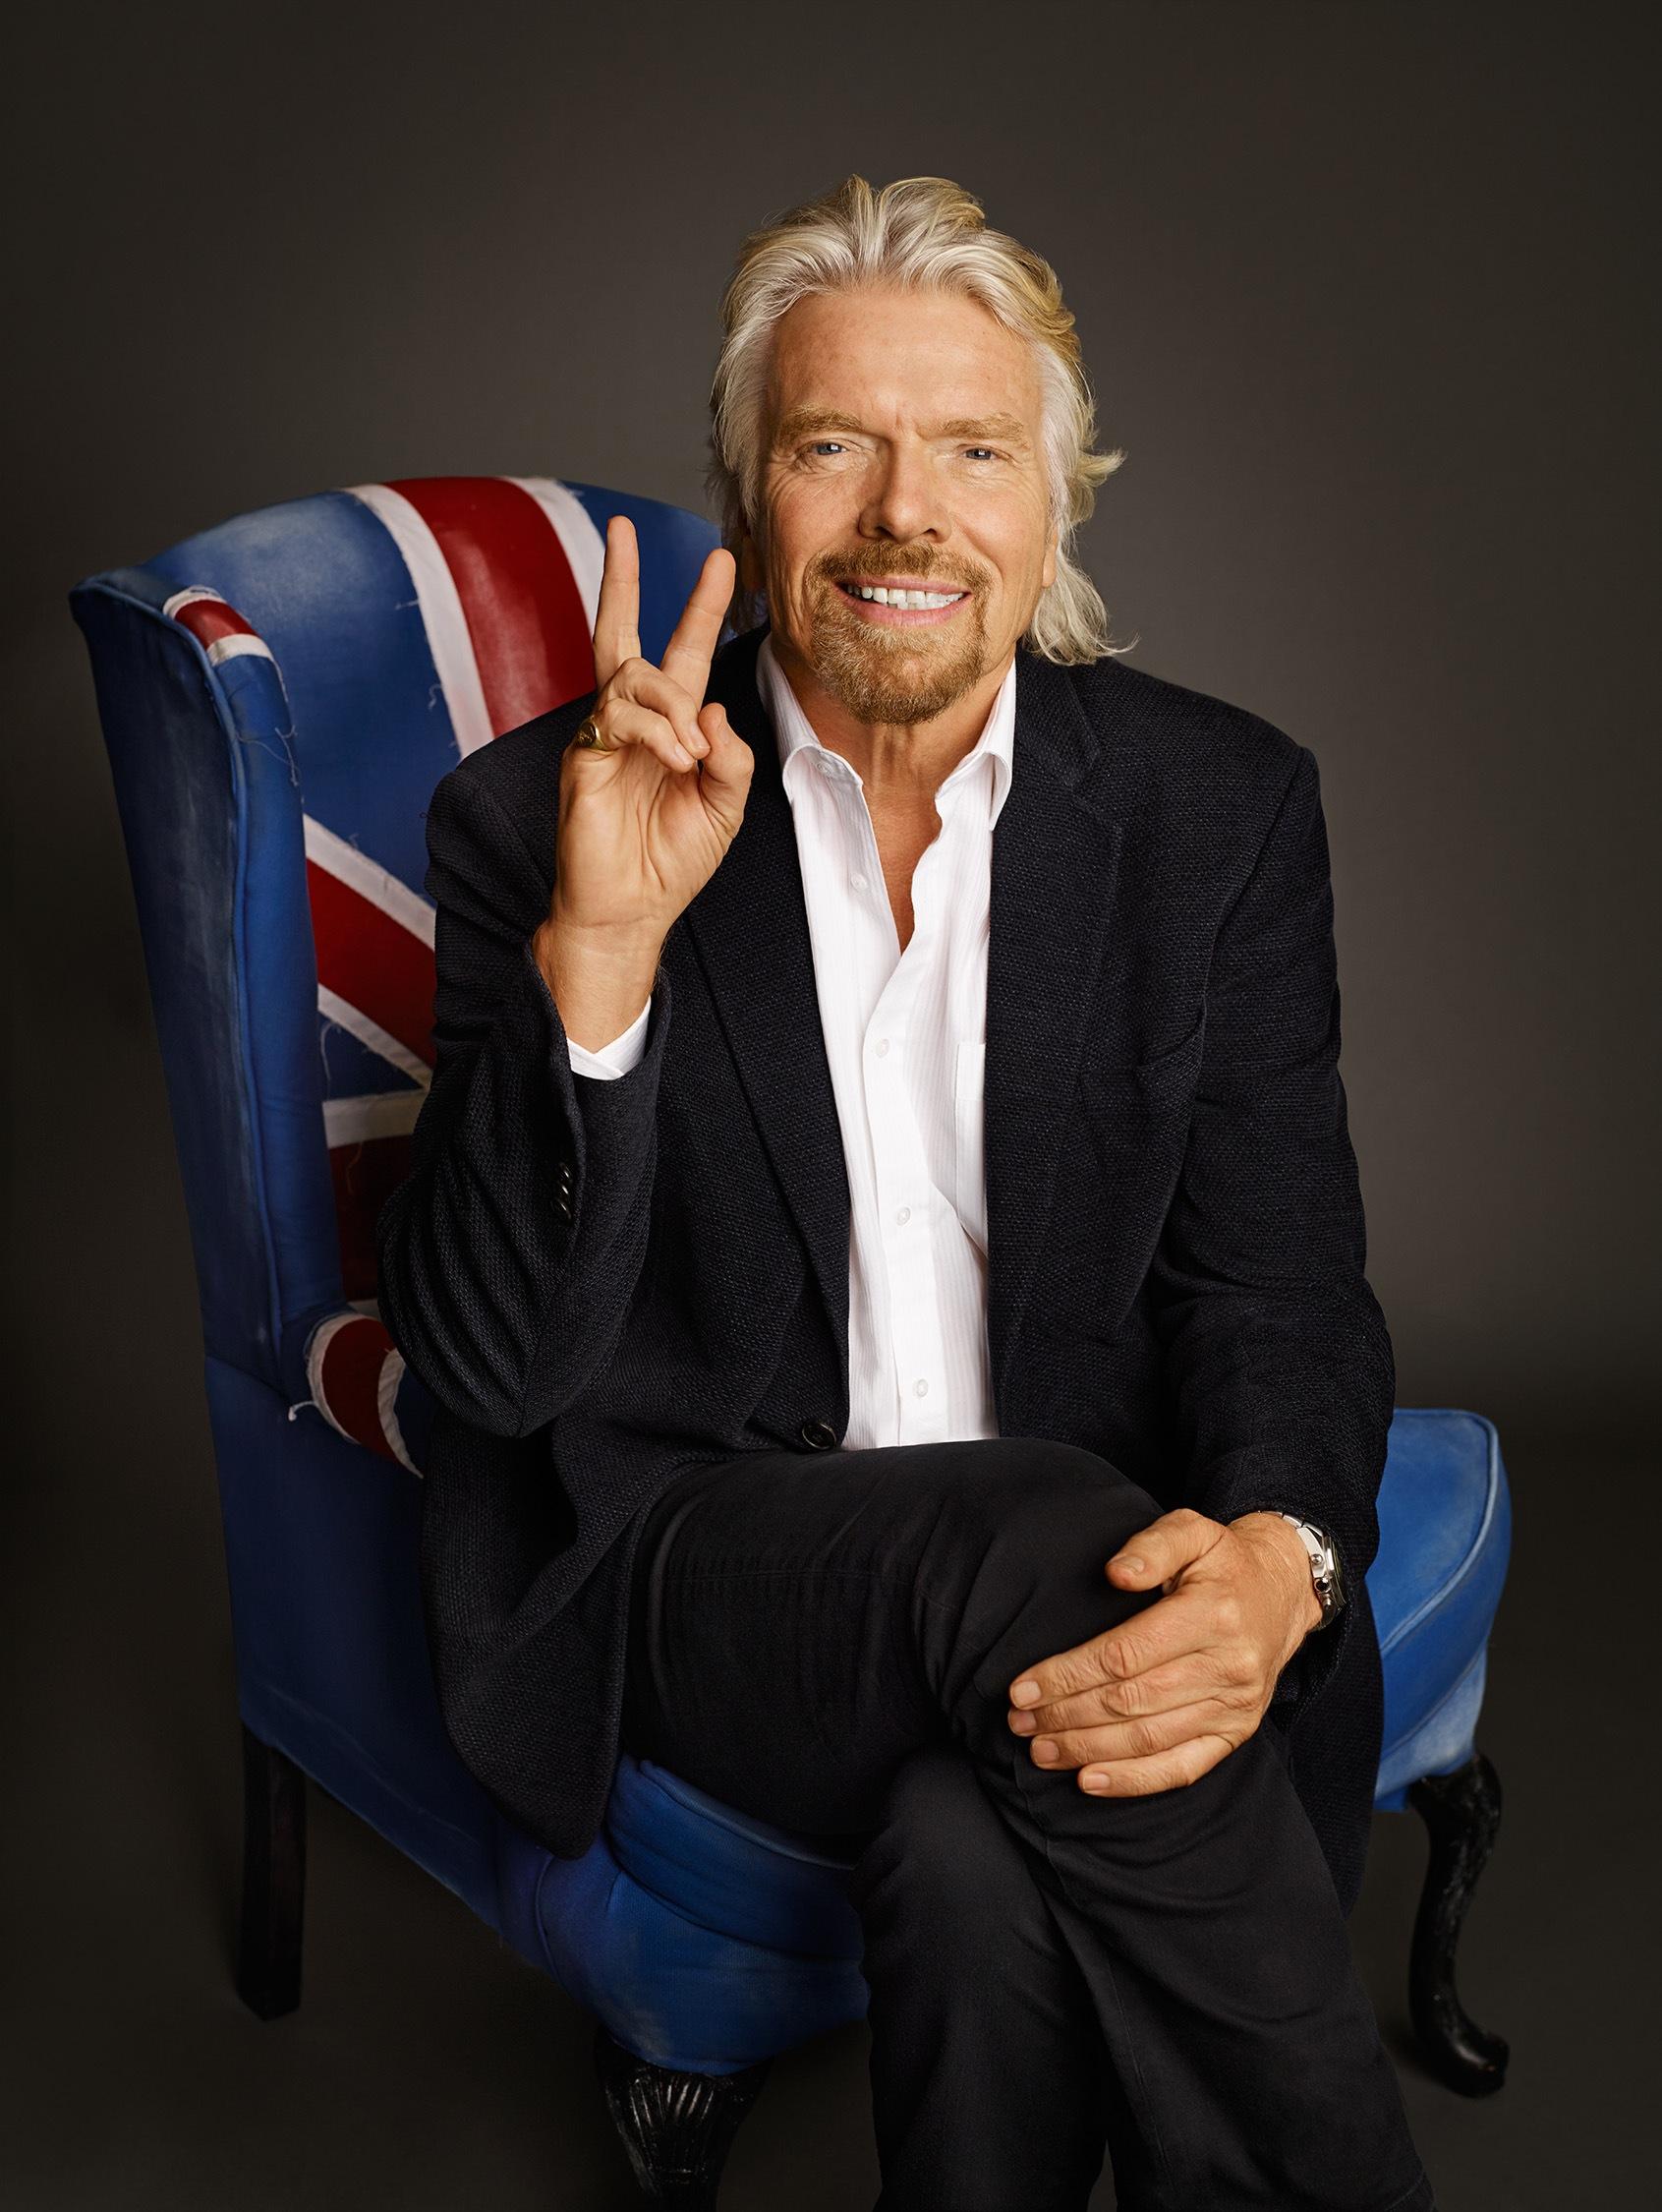 Richard Branson by Jeff Lipsky « Stockland Martel Blog